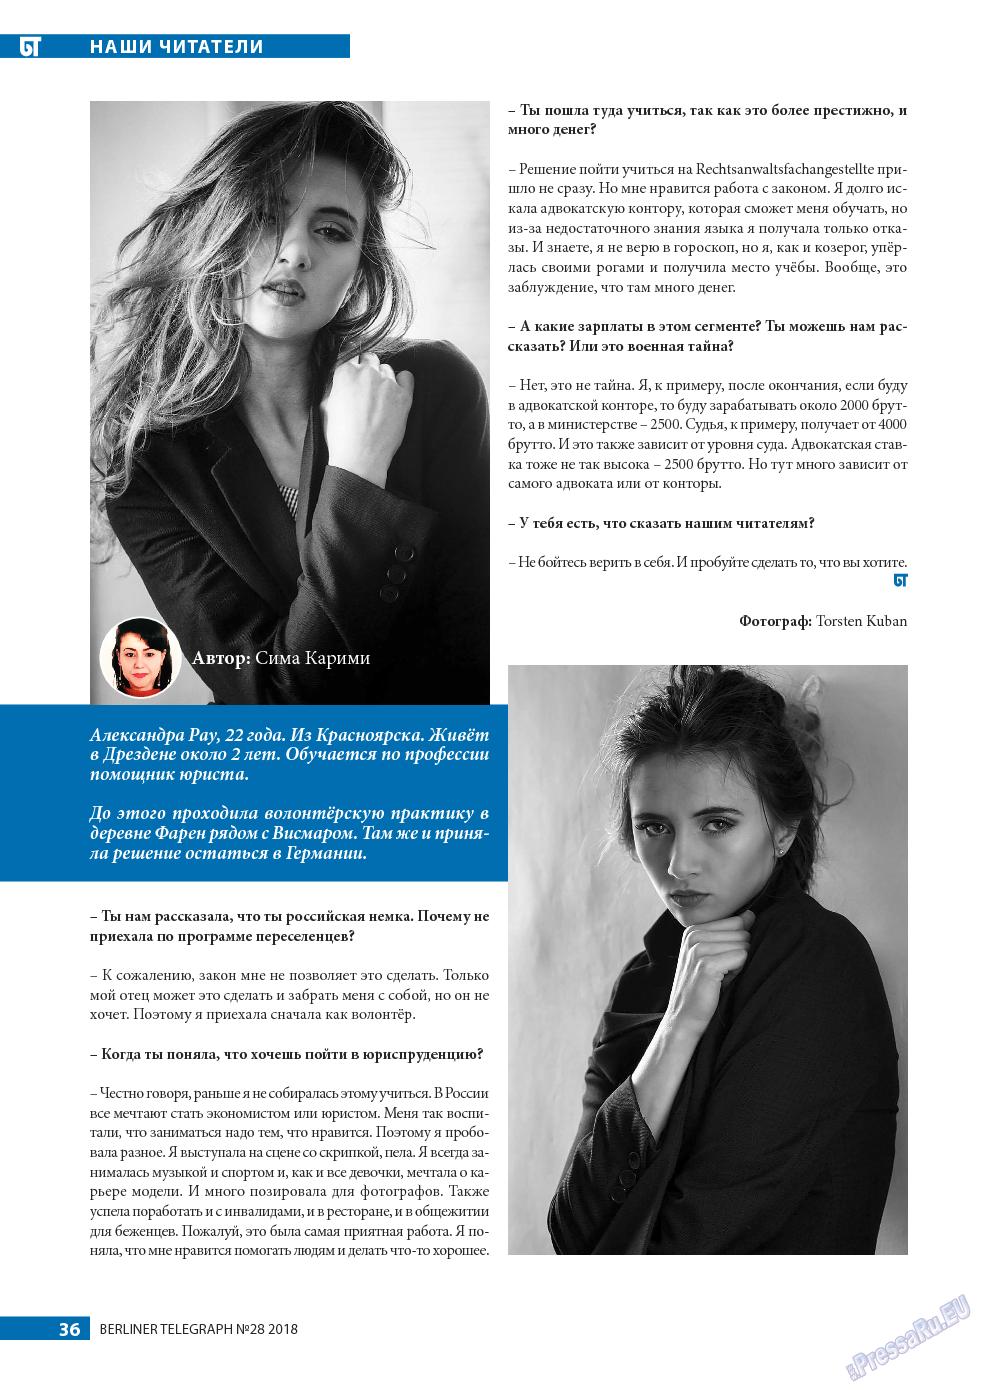 Берлинский телеграф (журнал). 2018 год, номер 28, стр. 36